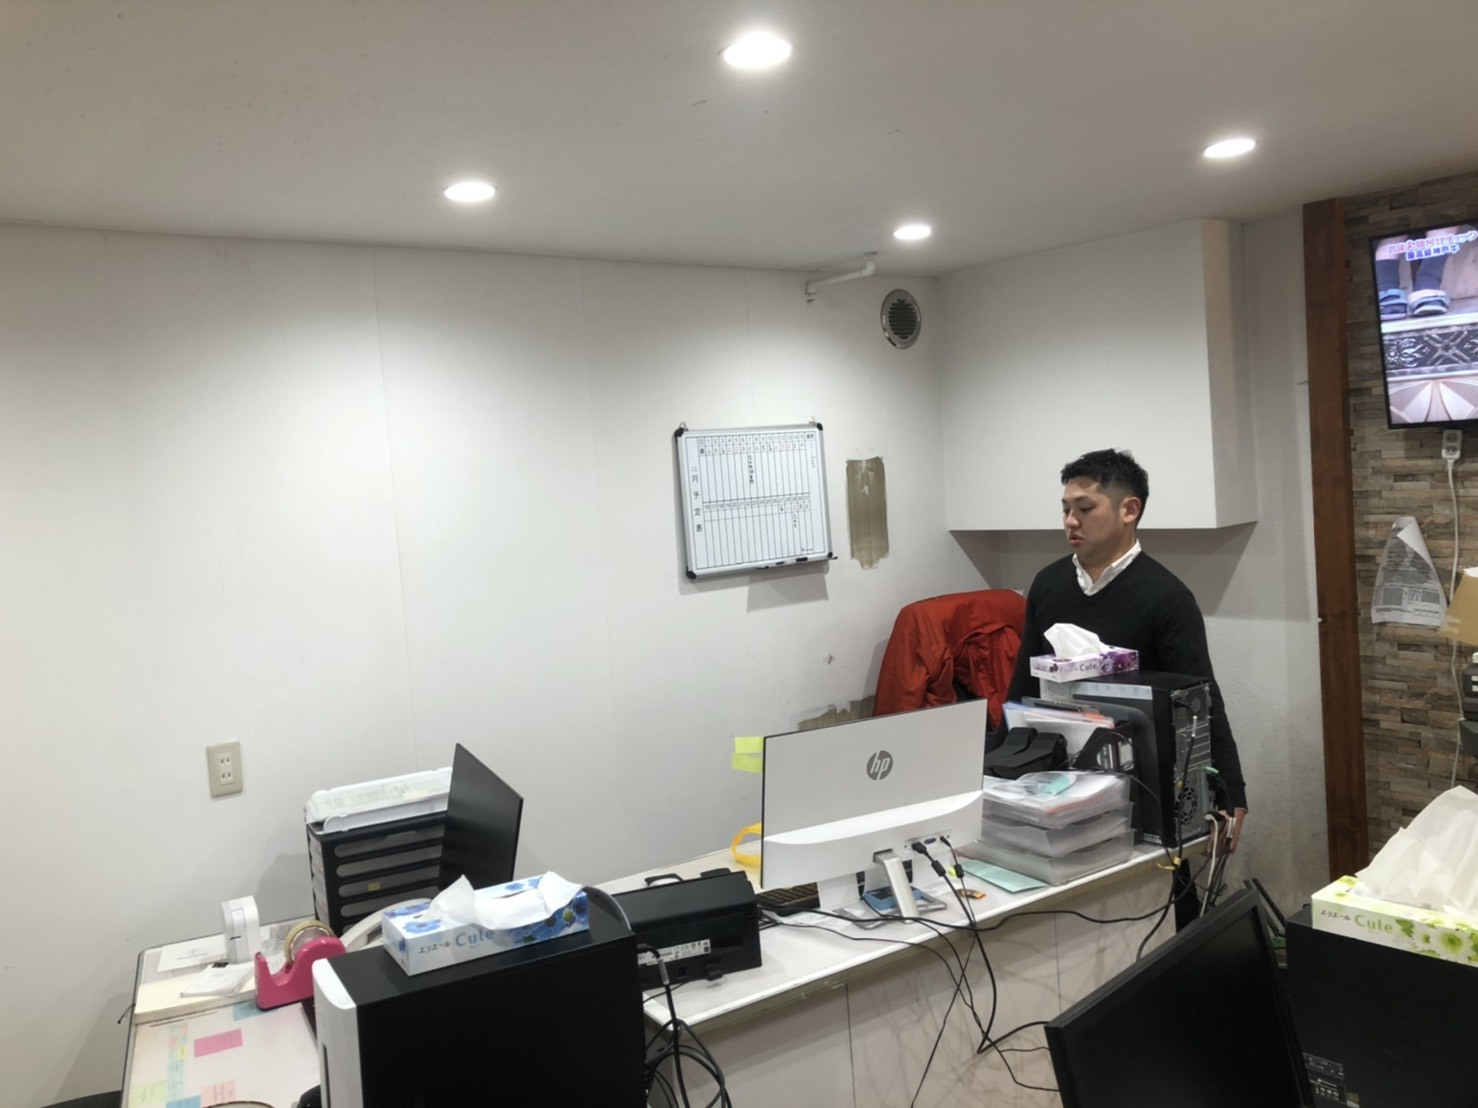 12月28日(土)TOMMYBASEブログ☆1月7日(火)より初売りセール開催✨レクサス♬クラウン🎶フーガ♬スバル限定車🎶レガシィ♬フォレスター🎶希少車_b0127002_17365503.jpg